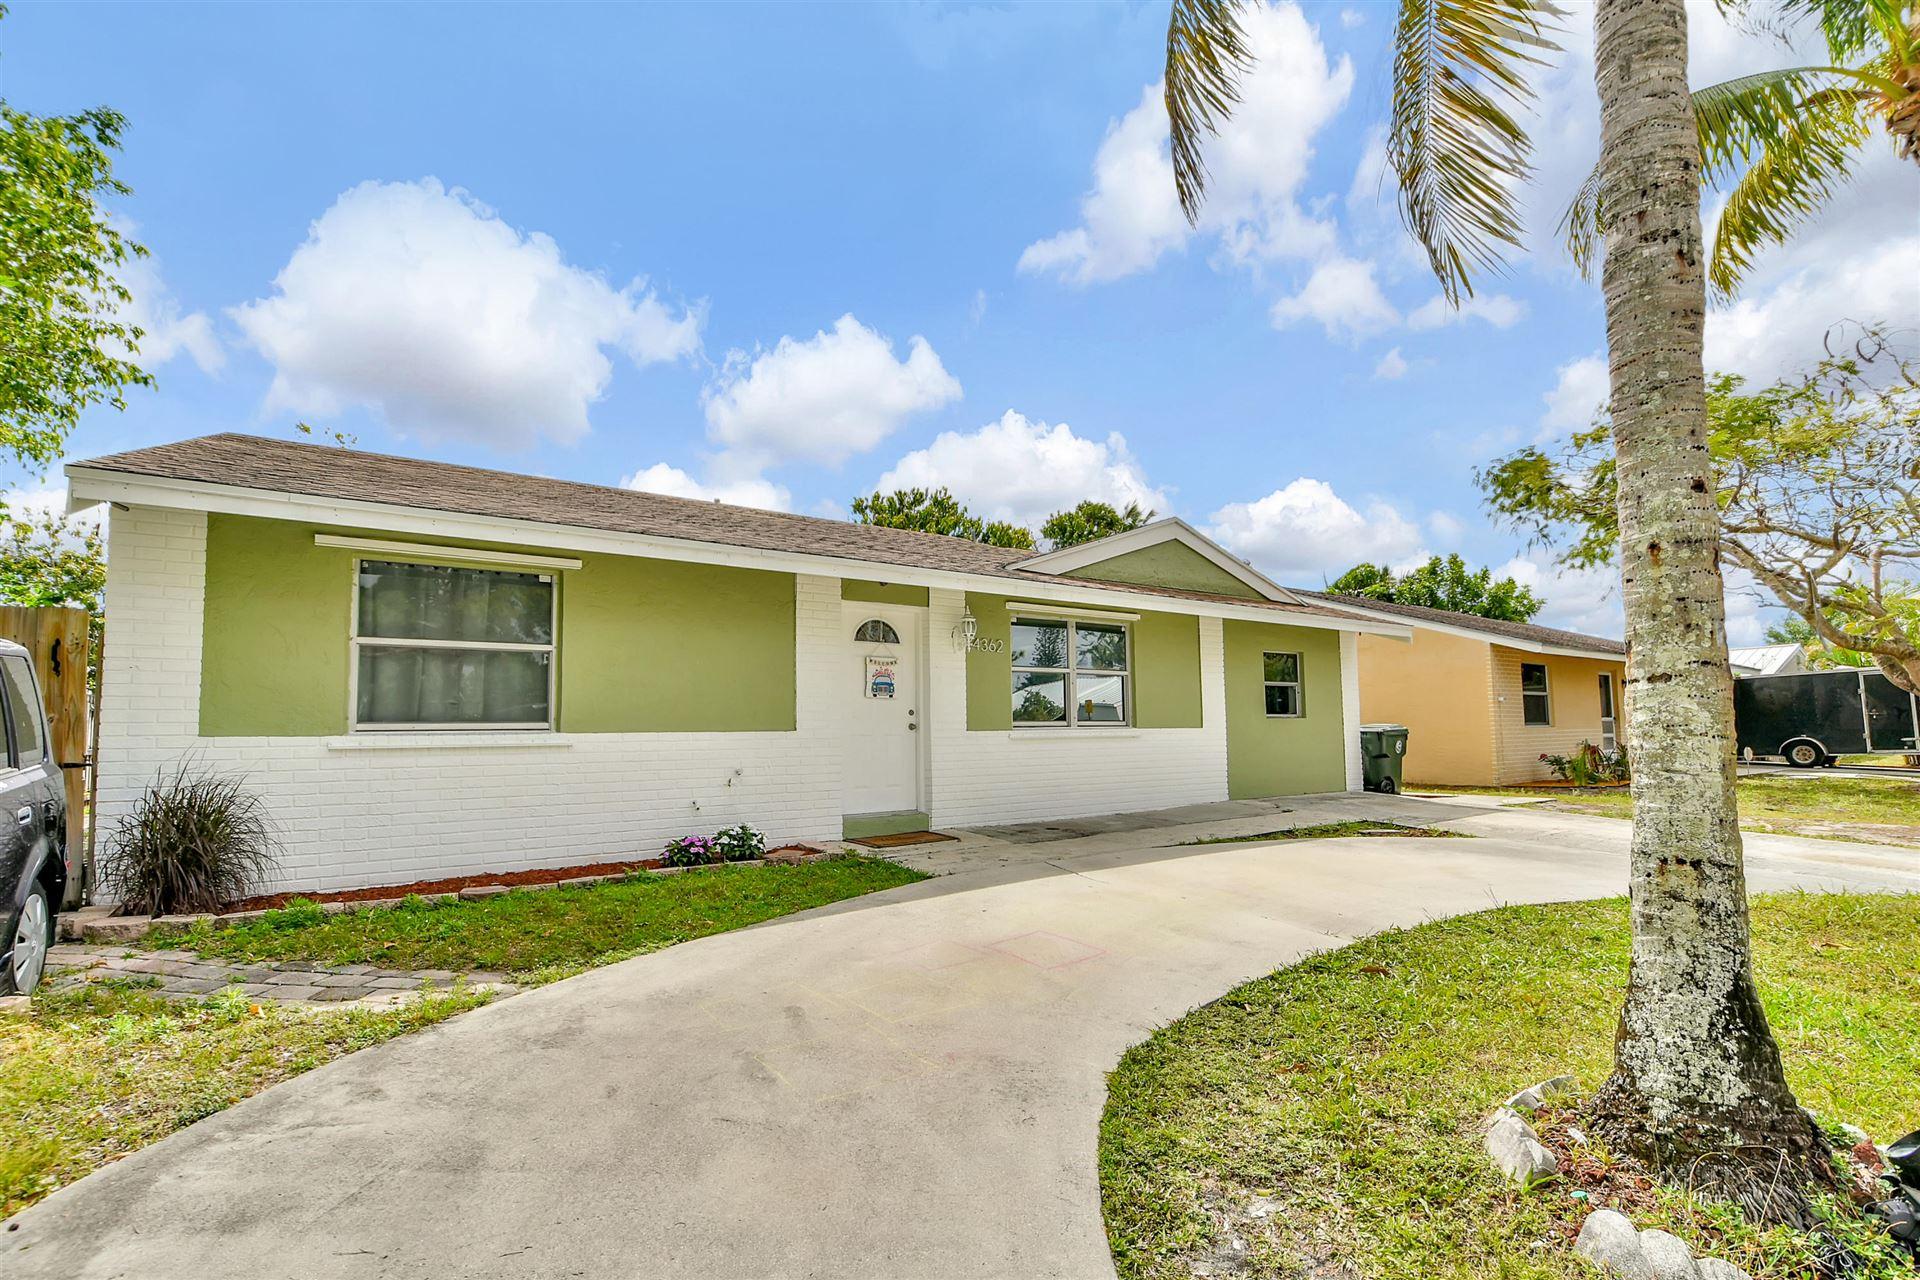 4362 Empire Way, Greenacres, FL 33463 - MLS#: RX-10706148